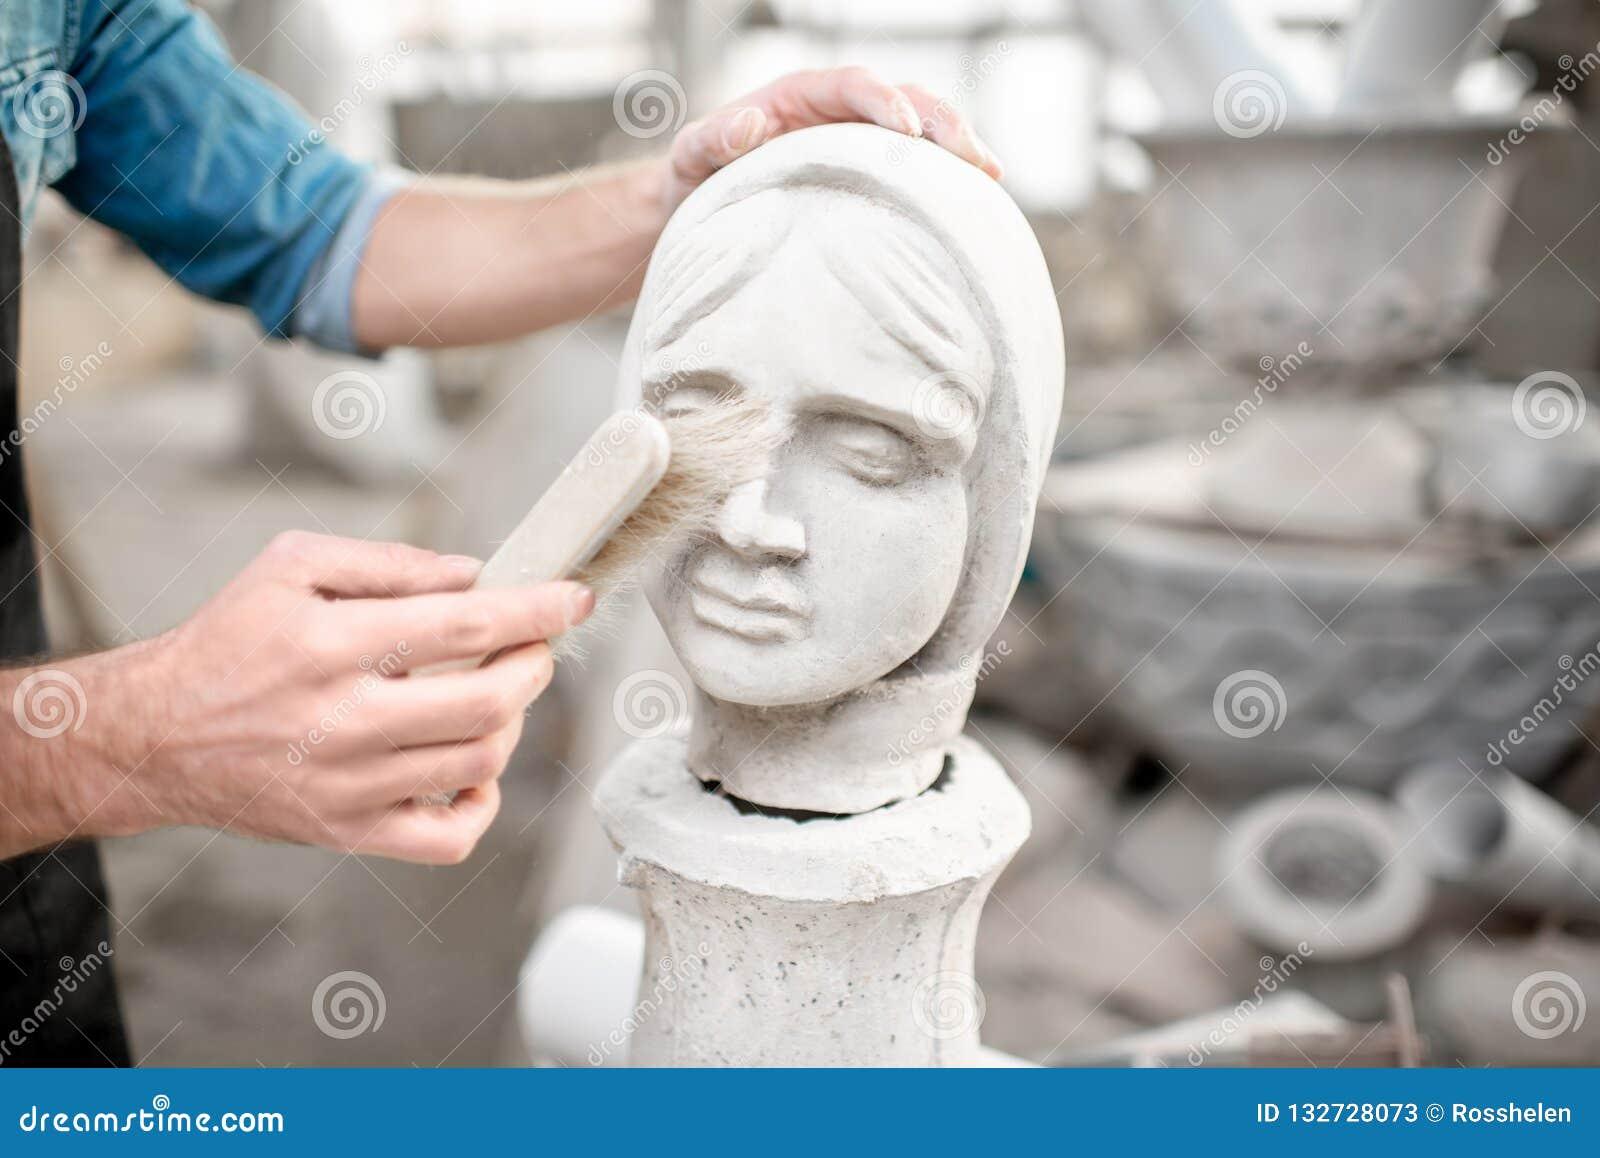 Skulptör som arbetar med skulptur i studion